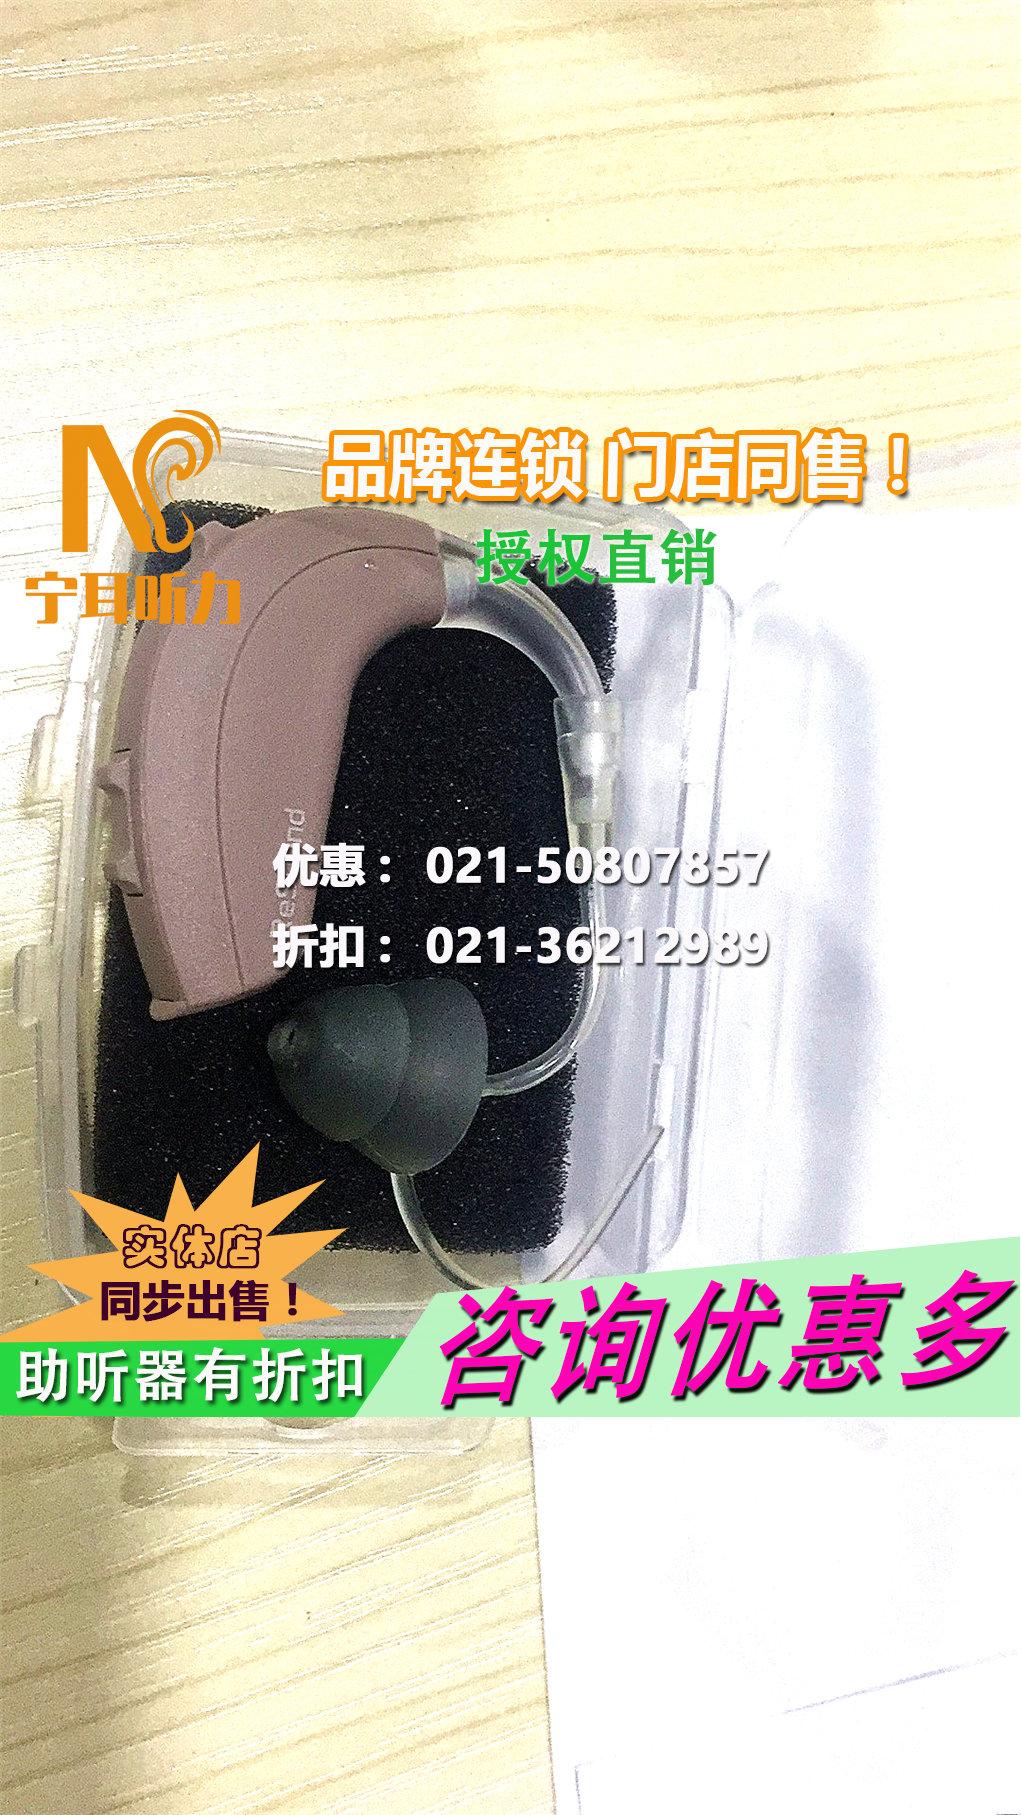 上海优利康助听器专卖店—爱耳日关爱亲人听力,享受健康生活